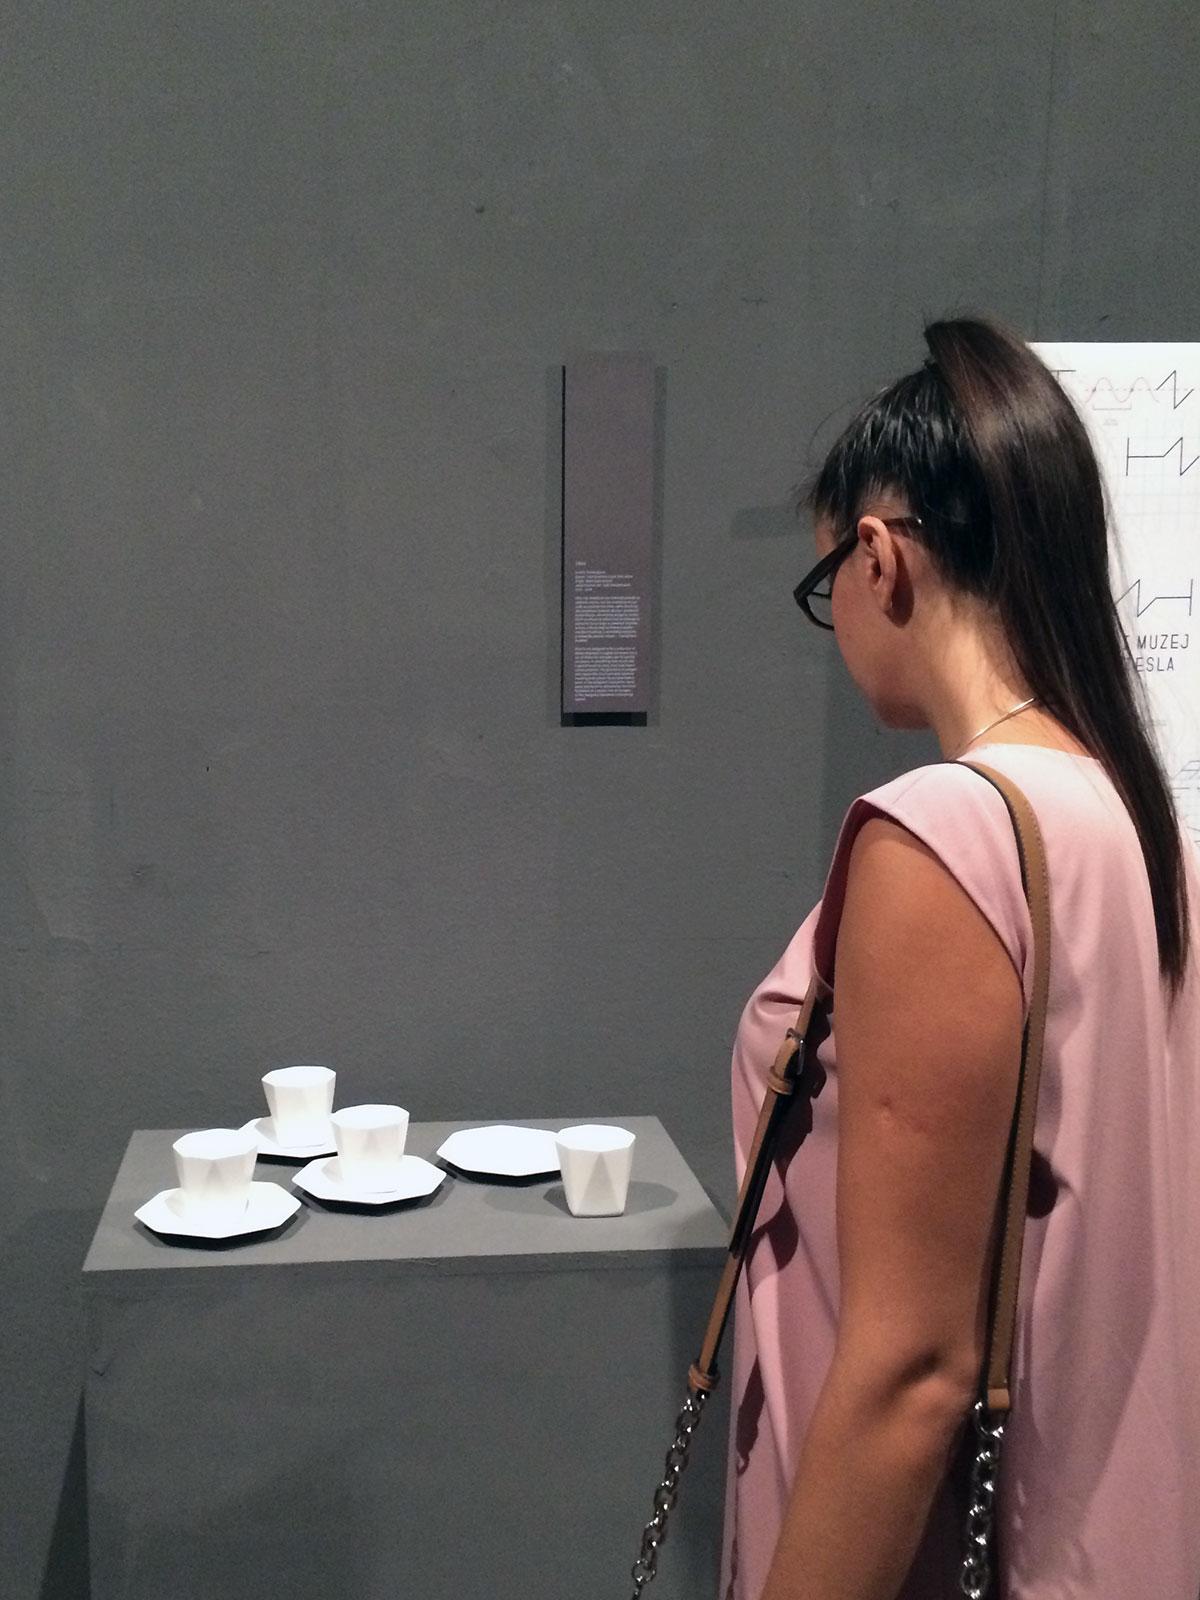 masavukmanovic.com - biennale hrvatskog dizajna 1516 - okto tableware